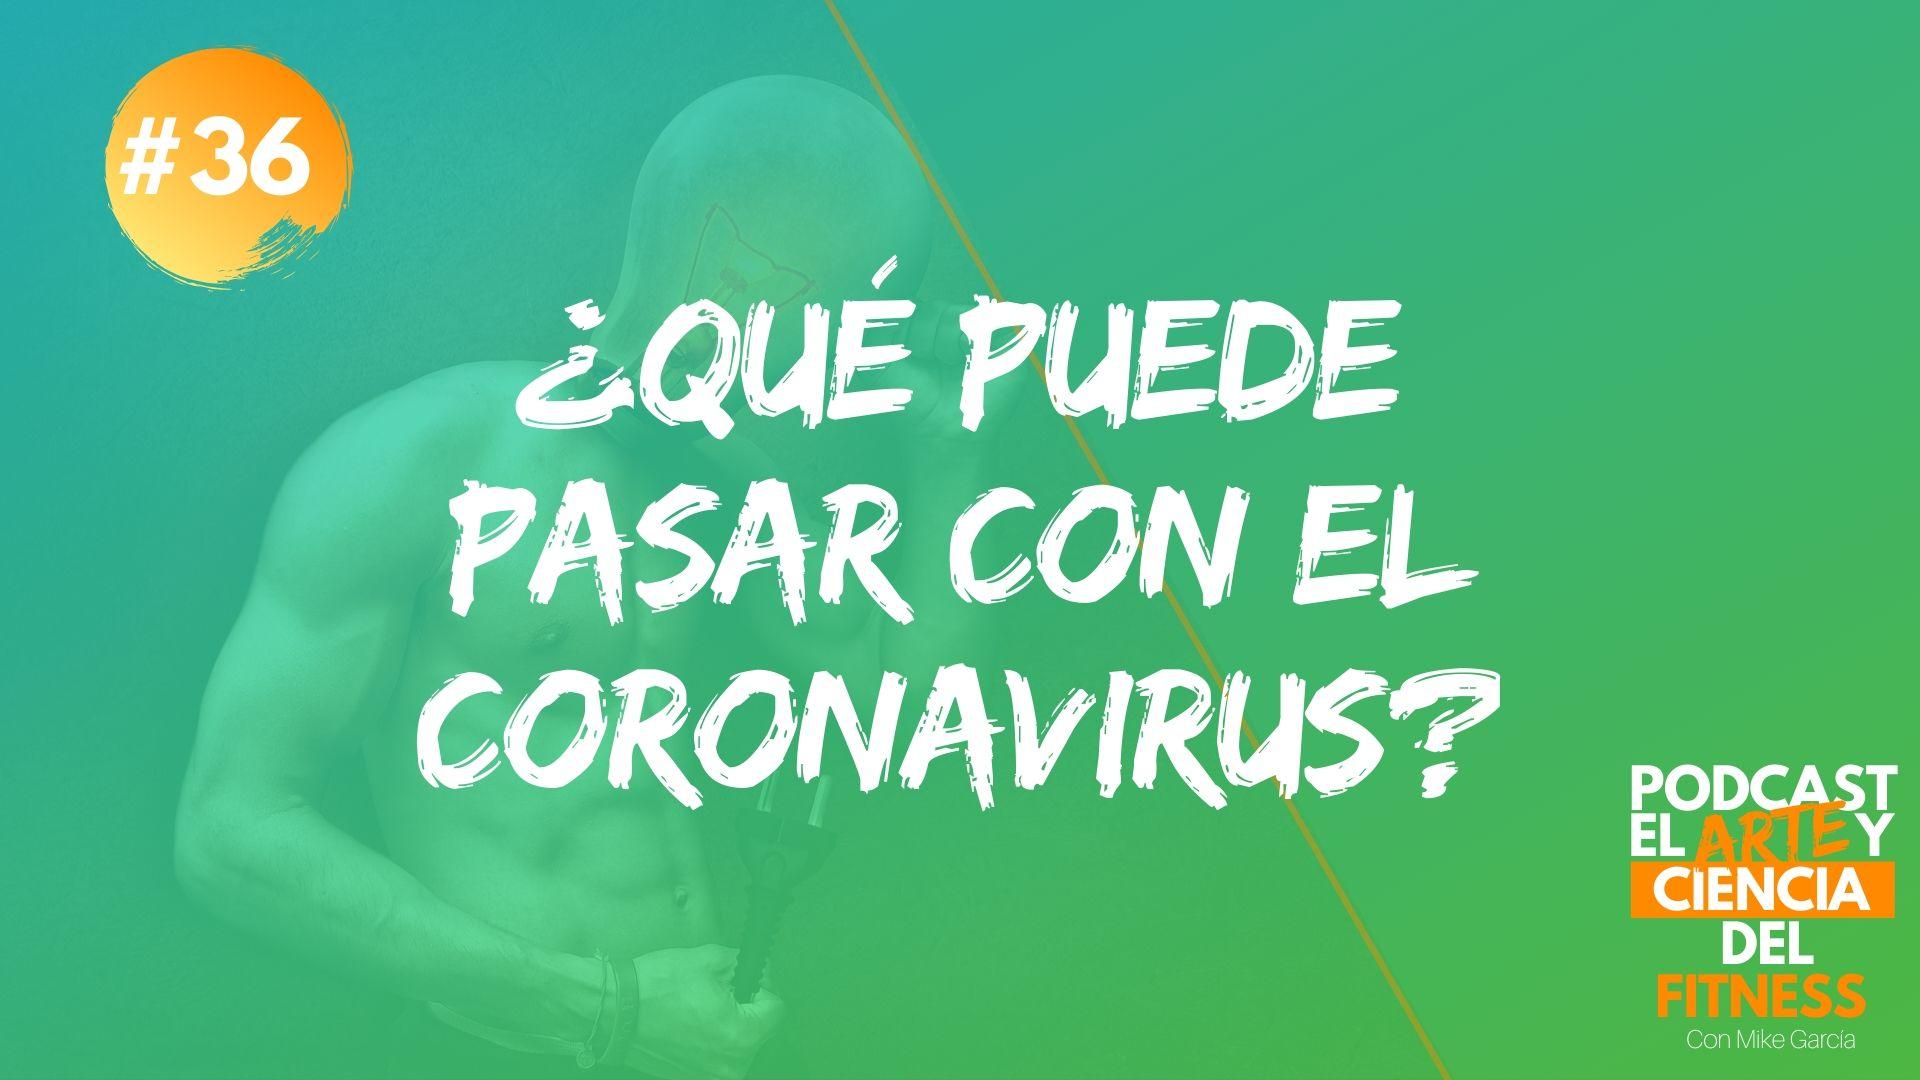 Podcast #36: ¿Qué Puede Pasar Con El Coronavirus?